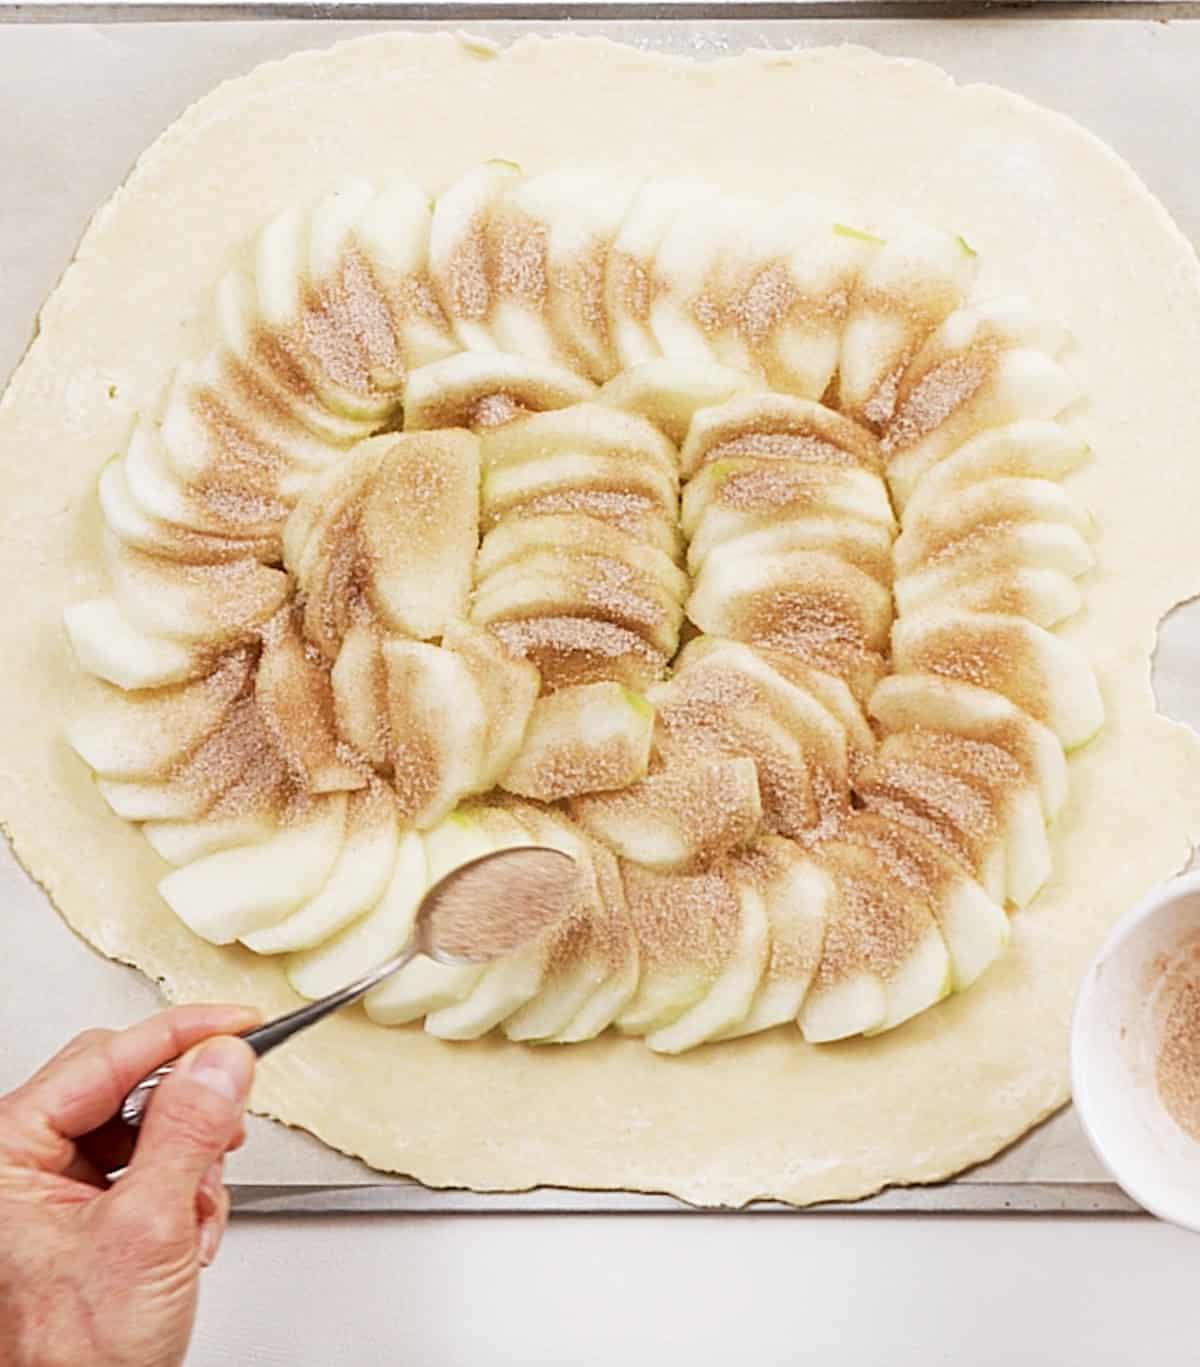 Sprinkling cinnamon sugar to apple slices on top of rolled pie crust